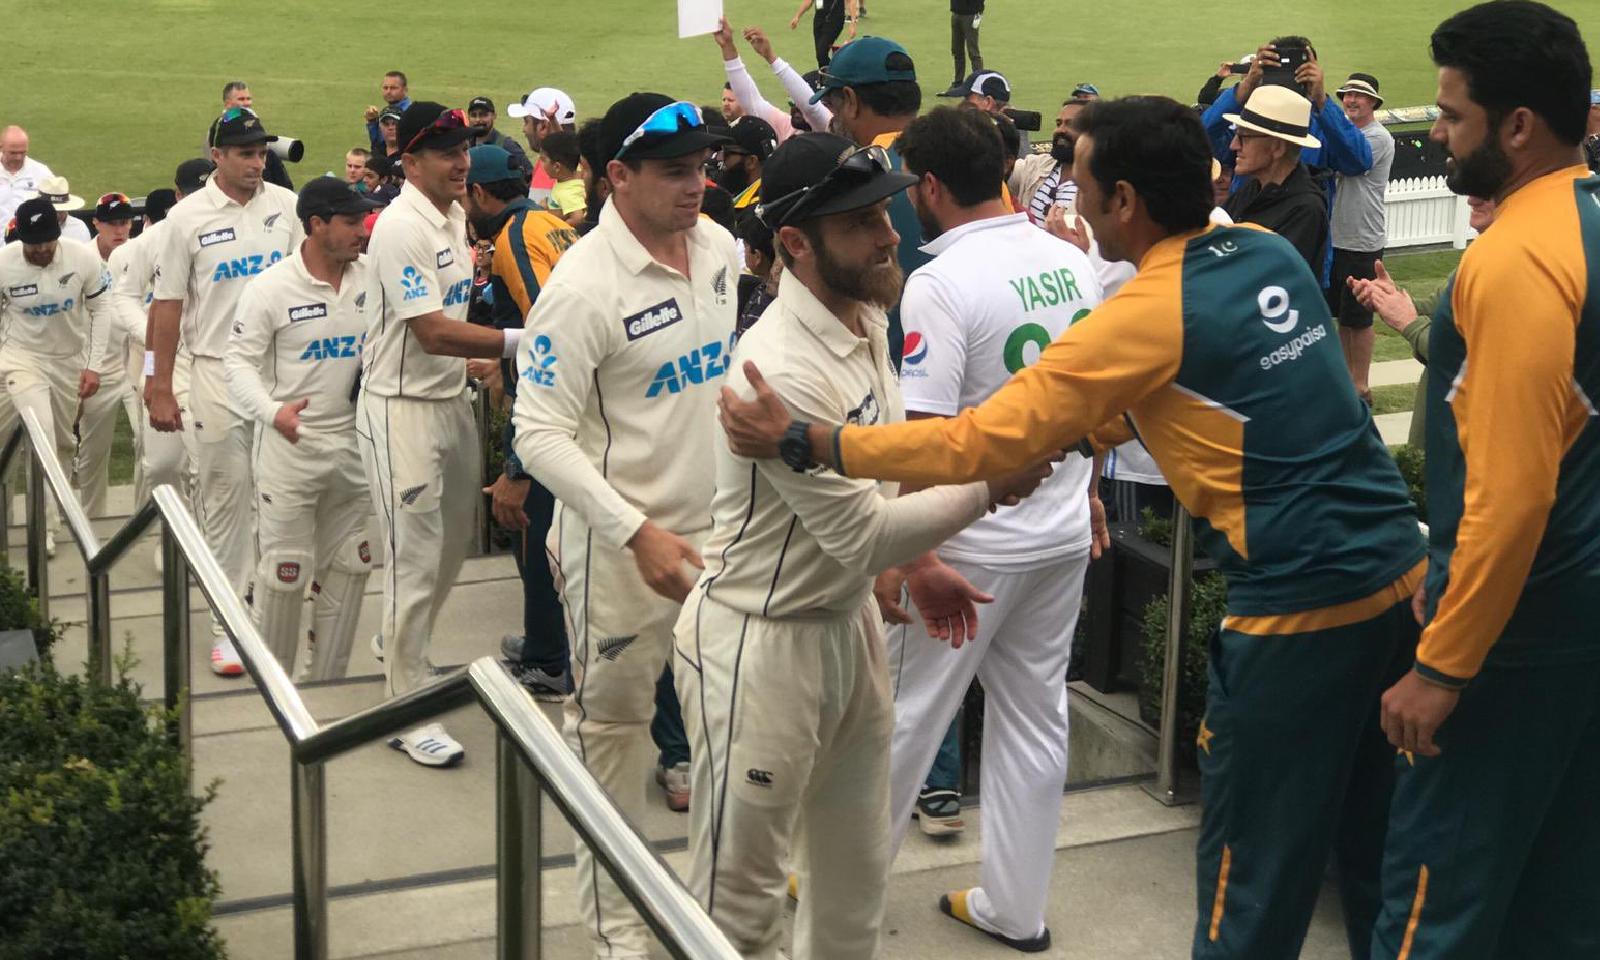 نیوزی لینڈ نے دوسری اننگز میں پاکستان کی پوری ٹیم کو 271 رنز پر آؤٹ کیا—فوٹو: بلیک کیپس ٹوئٹر